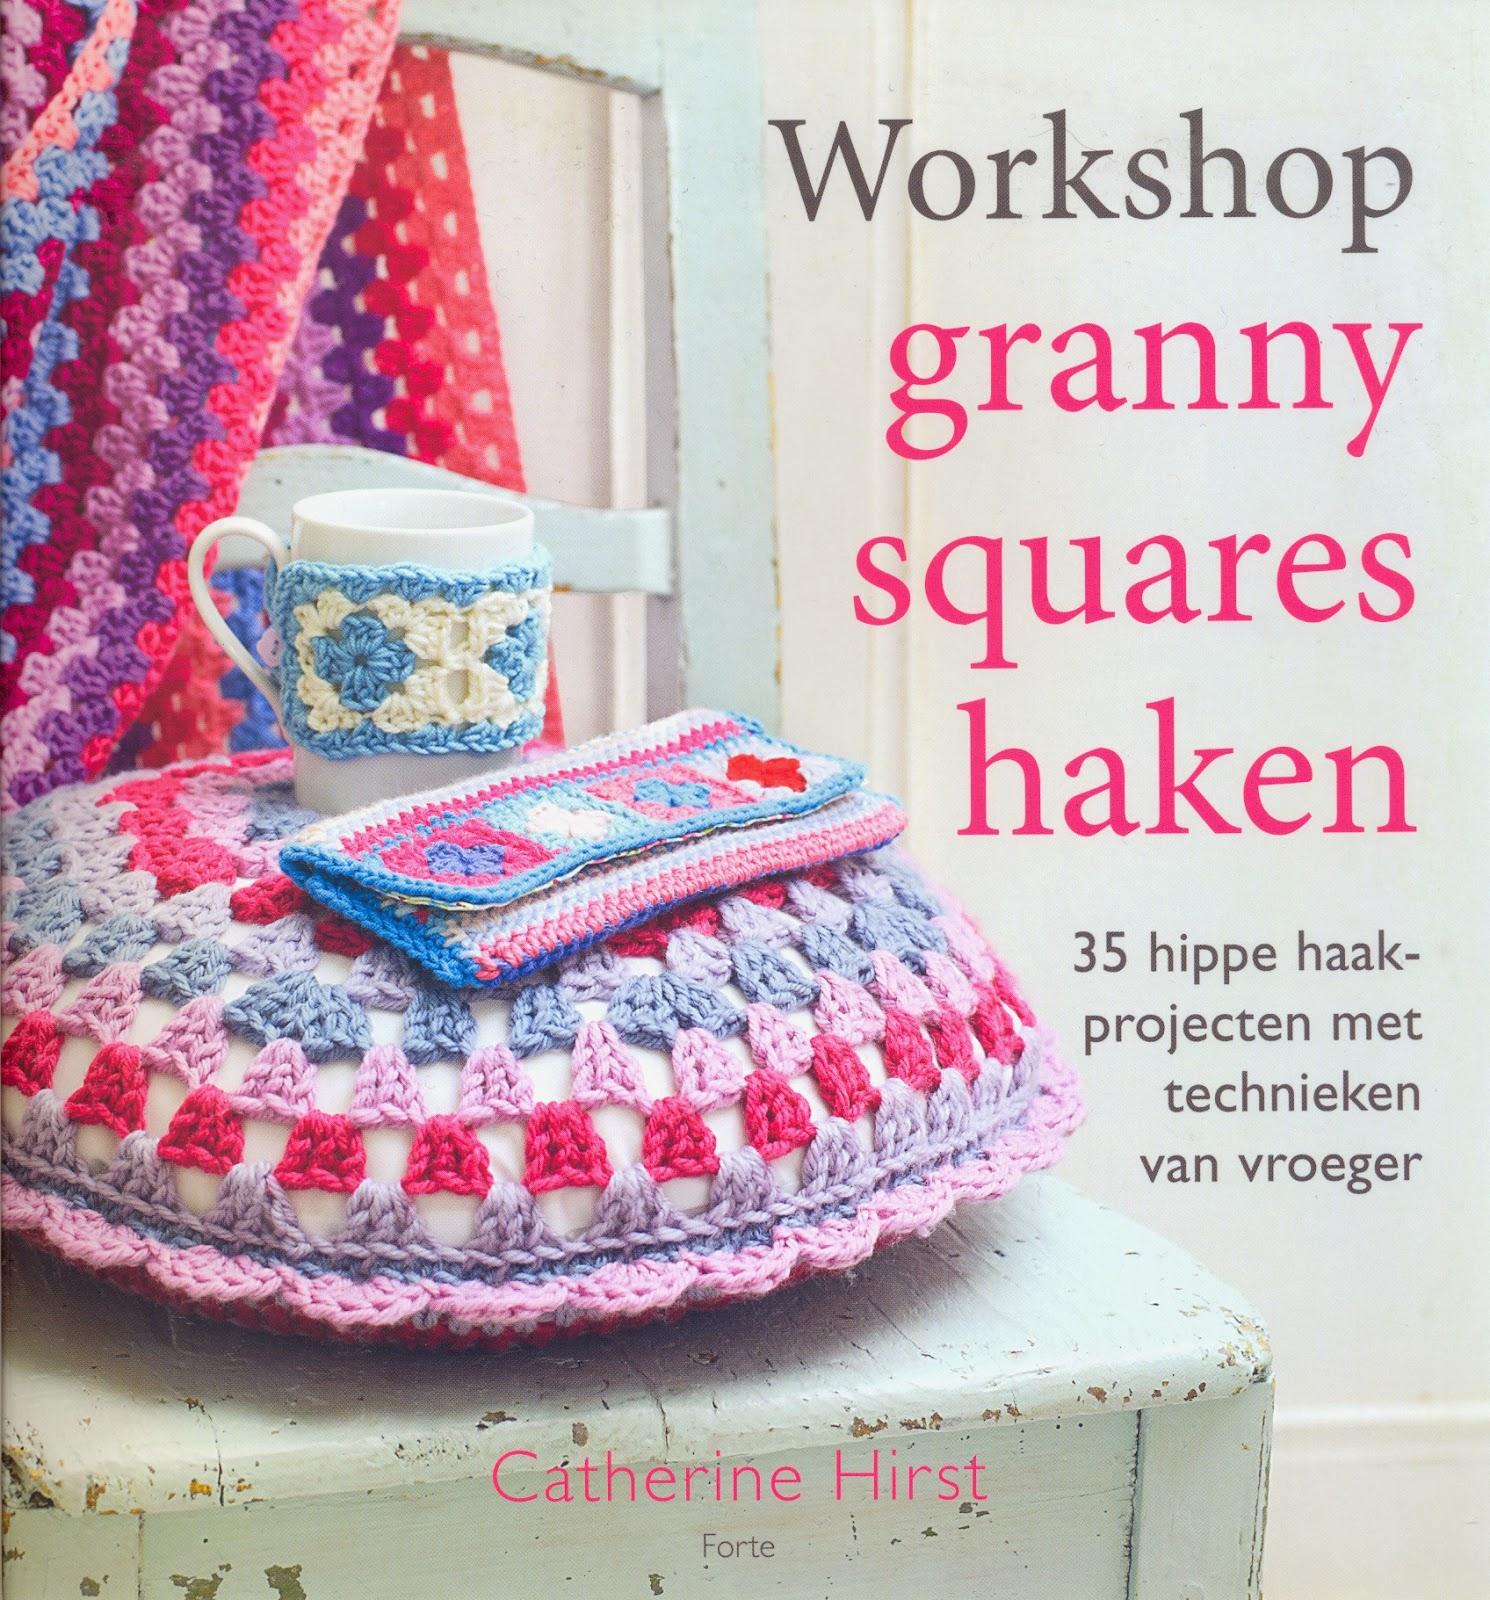 De Haakbaak Workshop Granny Squares Haken Boekverslag